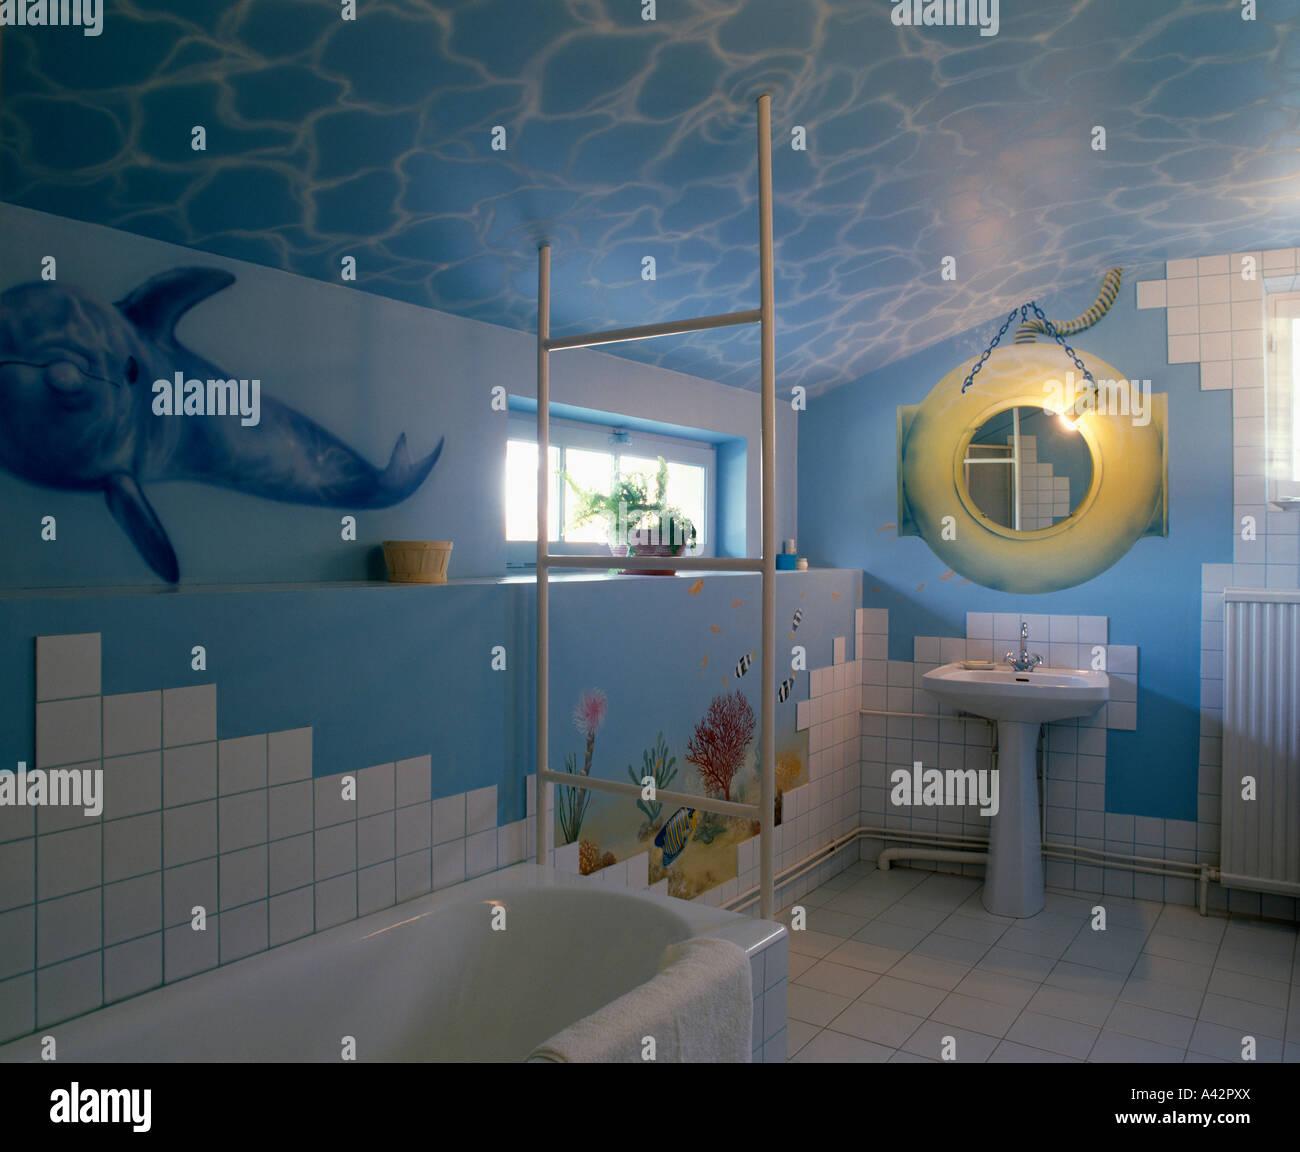 Salle De Bains Avec Bleu Marin Peint Peinture Murale Sur Les